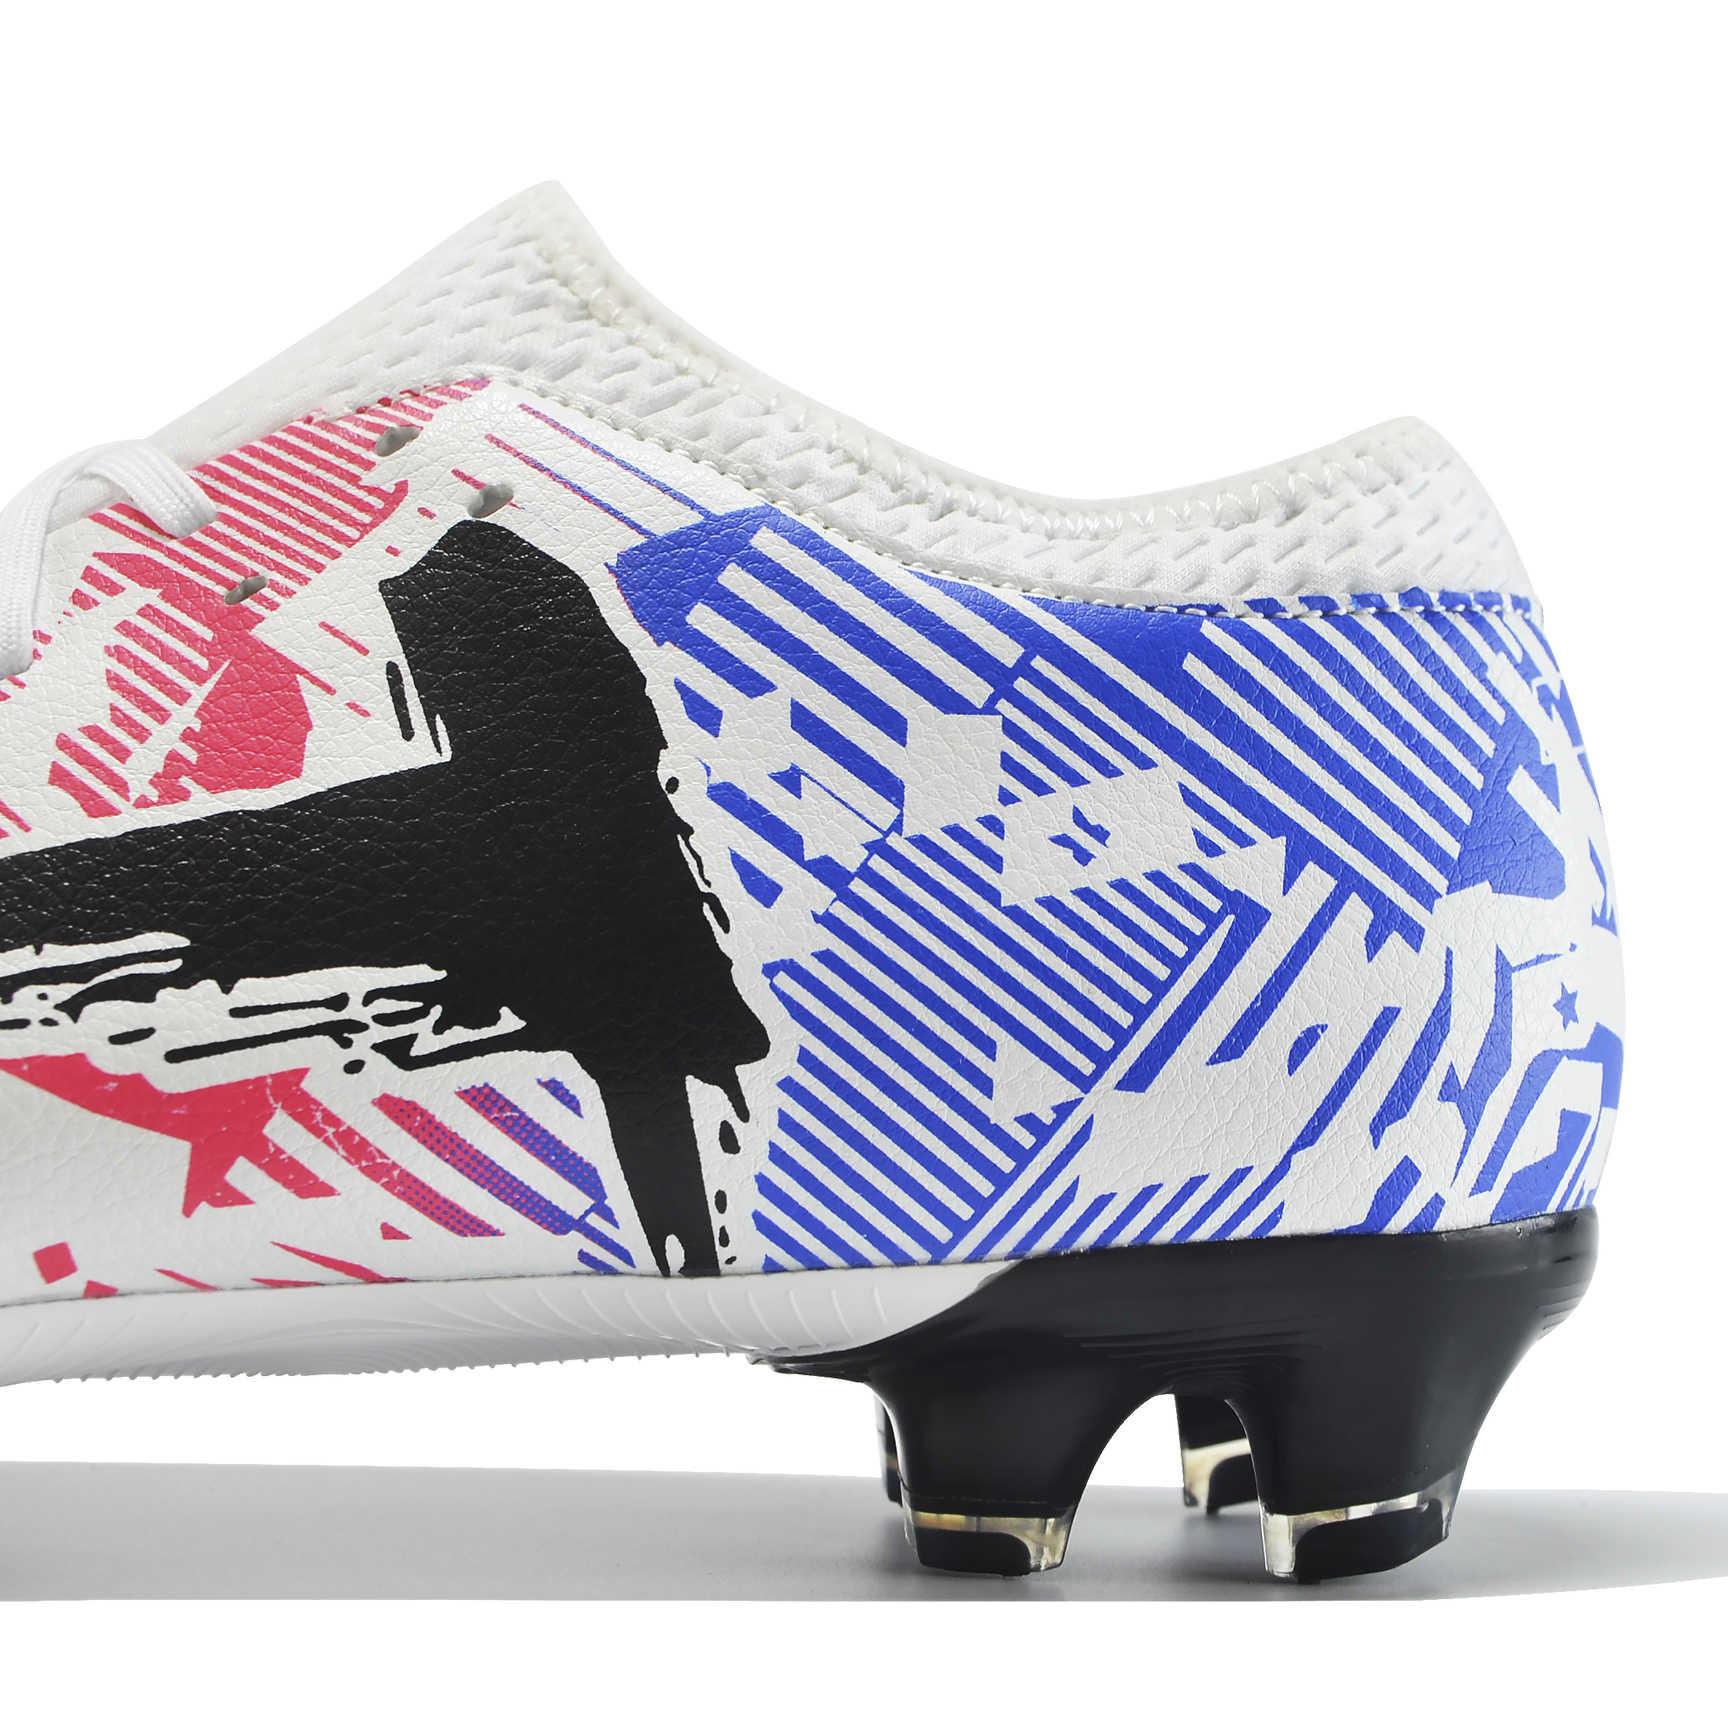 Футбольные ботинки Speedmate FG, удобные мягкие дышащие футбольные бутсы, искусственная трава для академии, уличная спортивная обувь